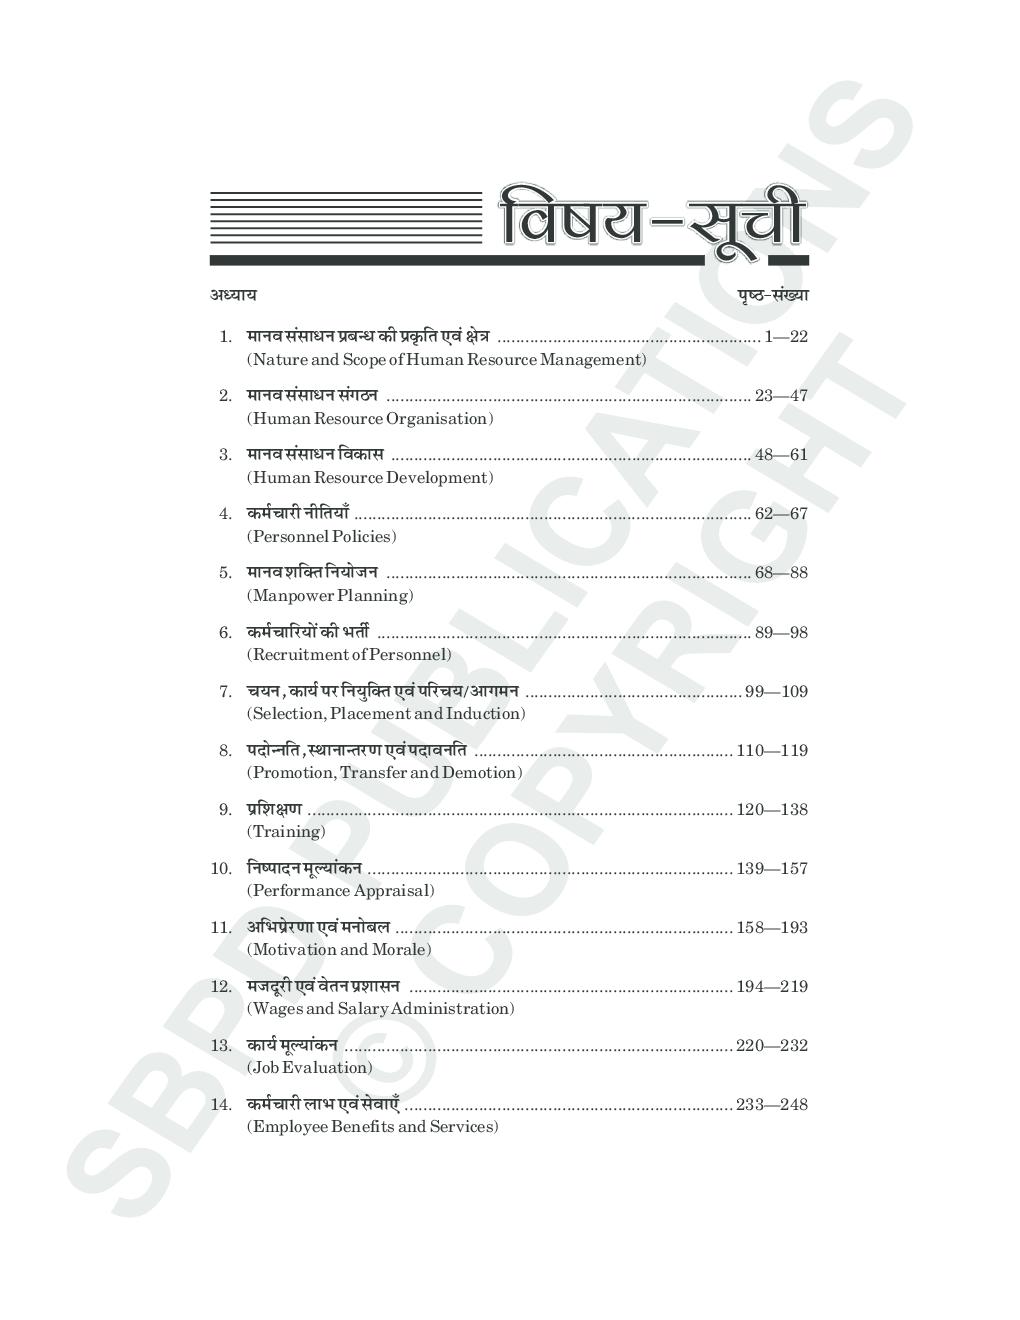 मानव संसाधन प्रबंधन B.Com. III के लिए - Page 3